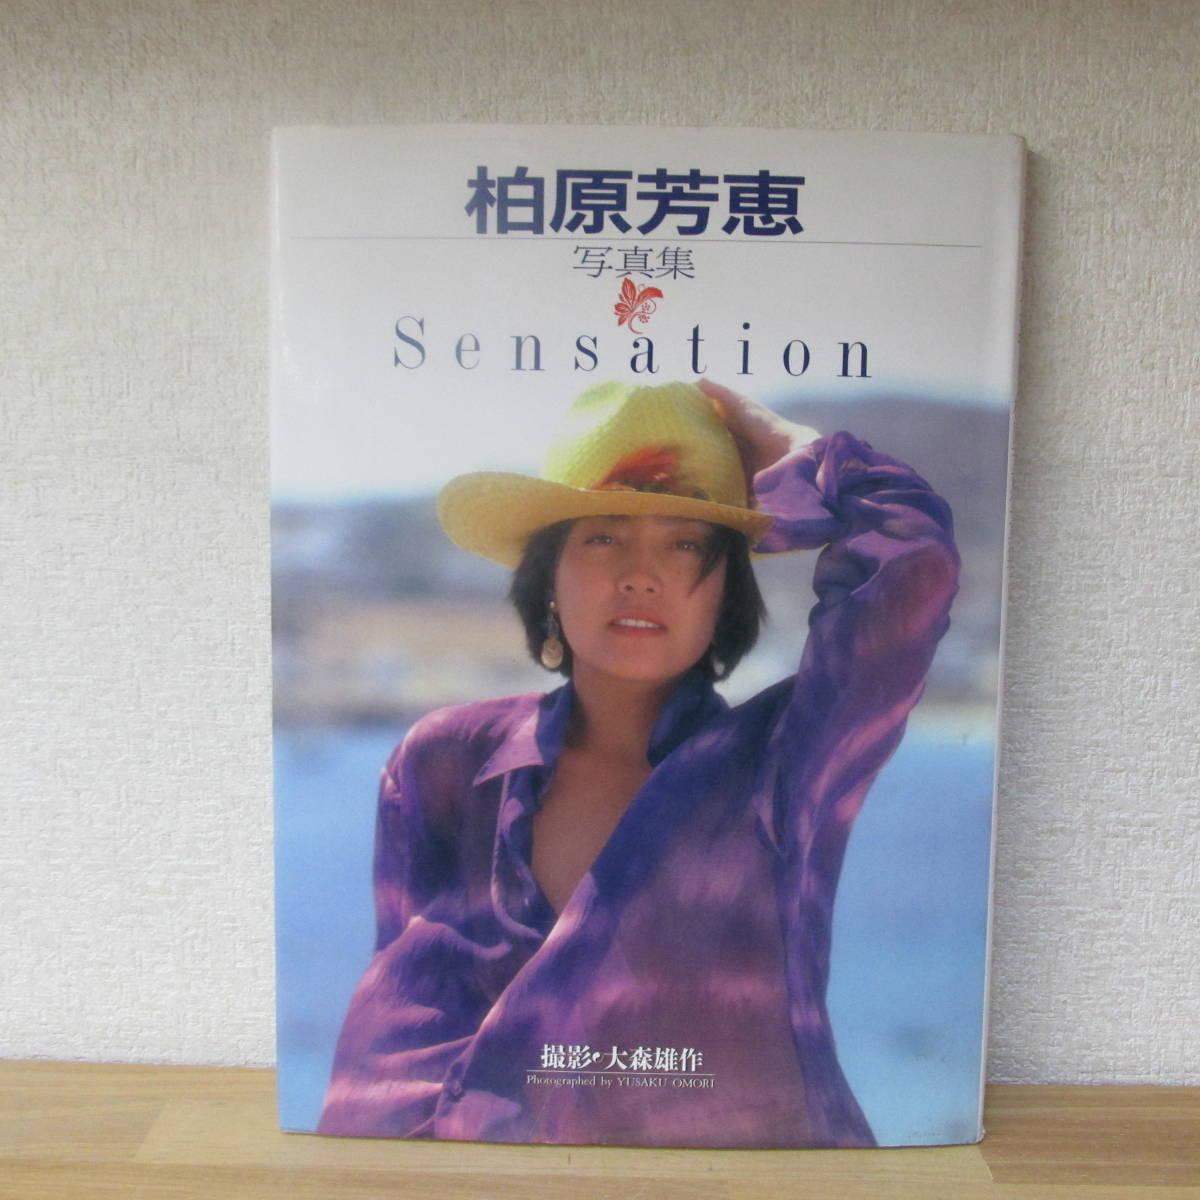 柏原芳恵 Sensation 写真集 センセーションスコラ